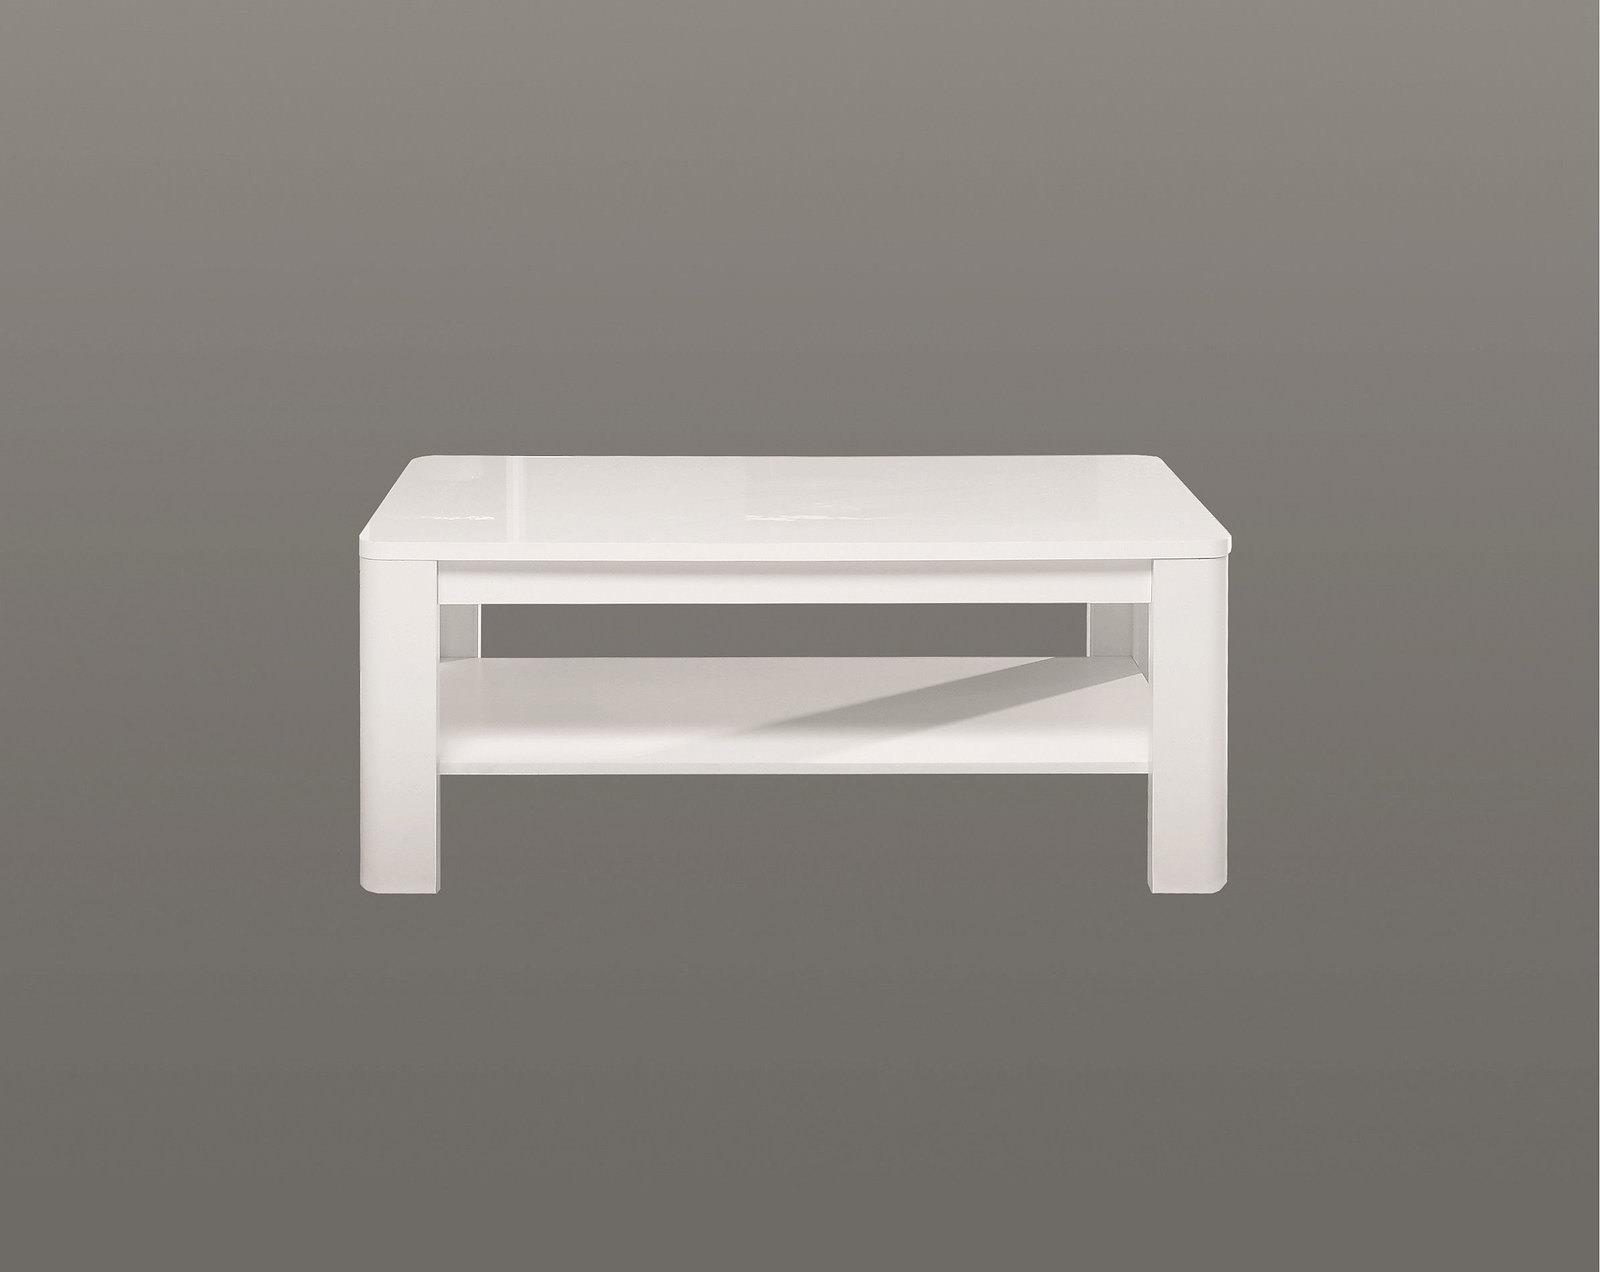 LIVIN Couchtisch online entdecken  Knuffmann  Ihr Möbelhaus